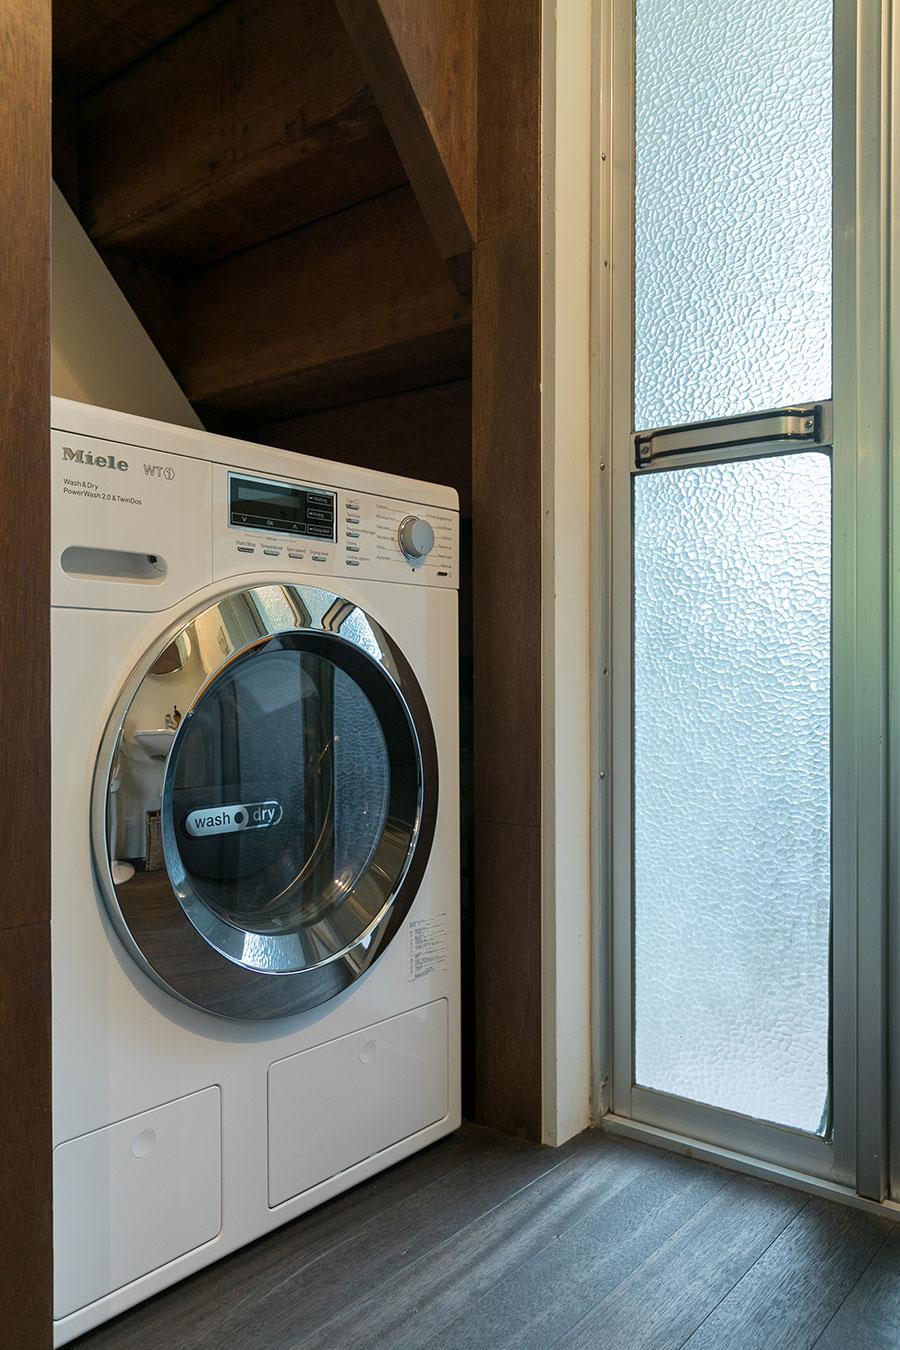 『Miele(ミーレ)』の洗濯乾燥機。古い住宅にこそ、完成度の高い美しいデザインの家電を置きたい。